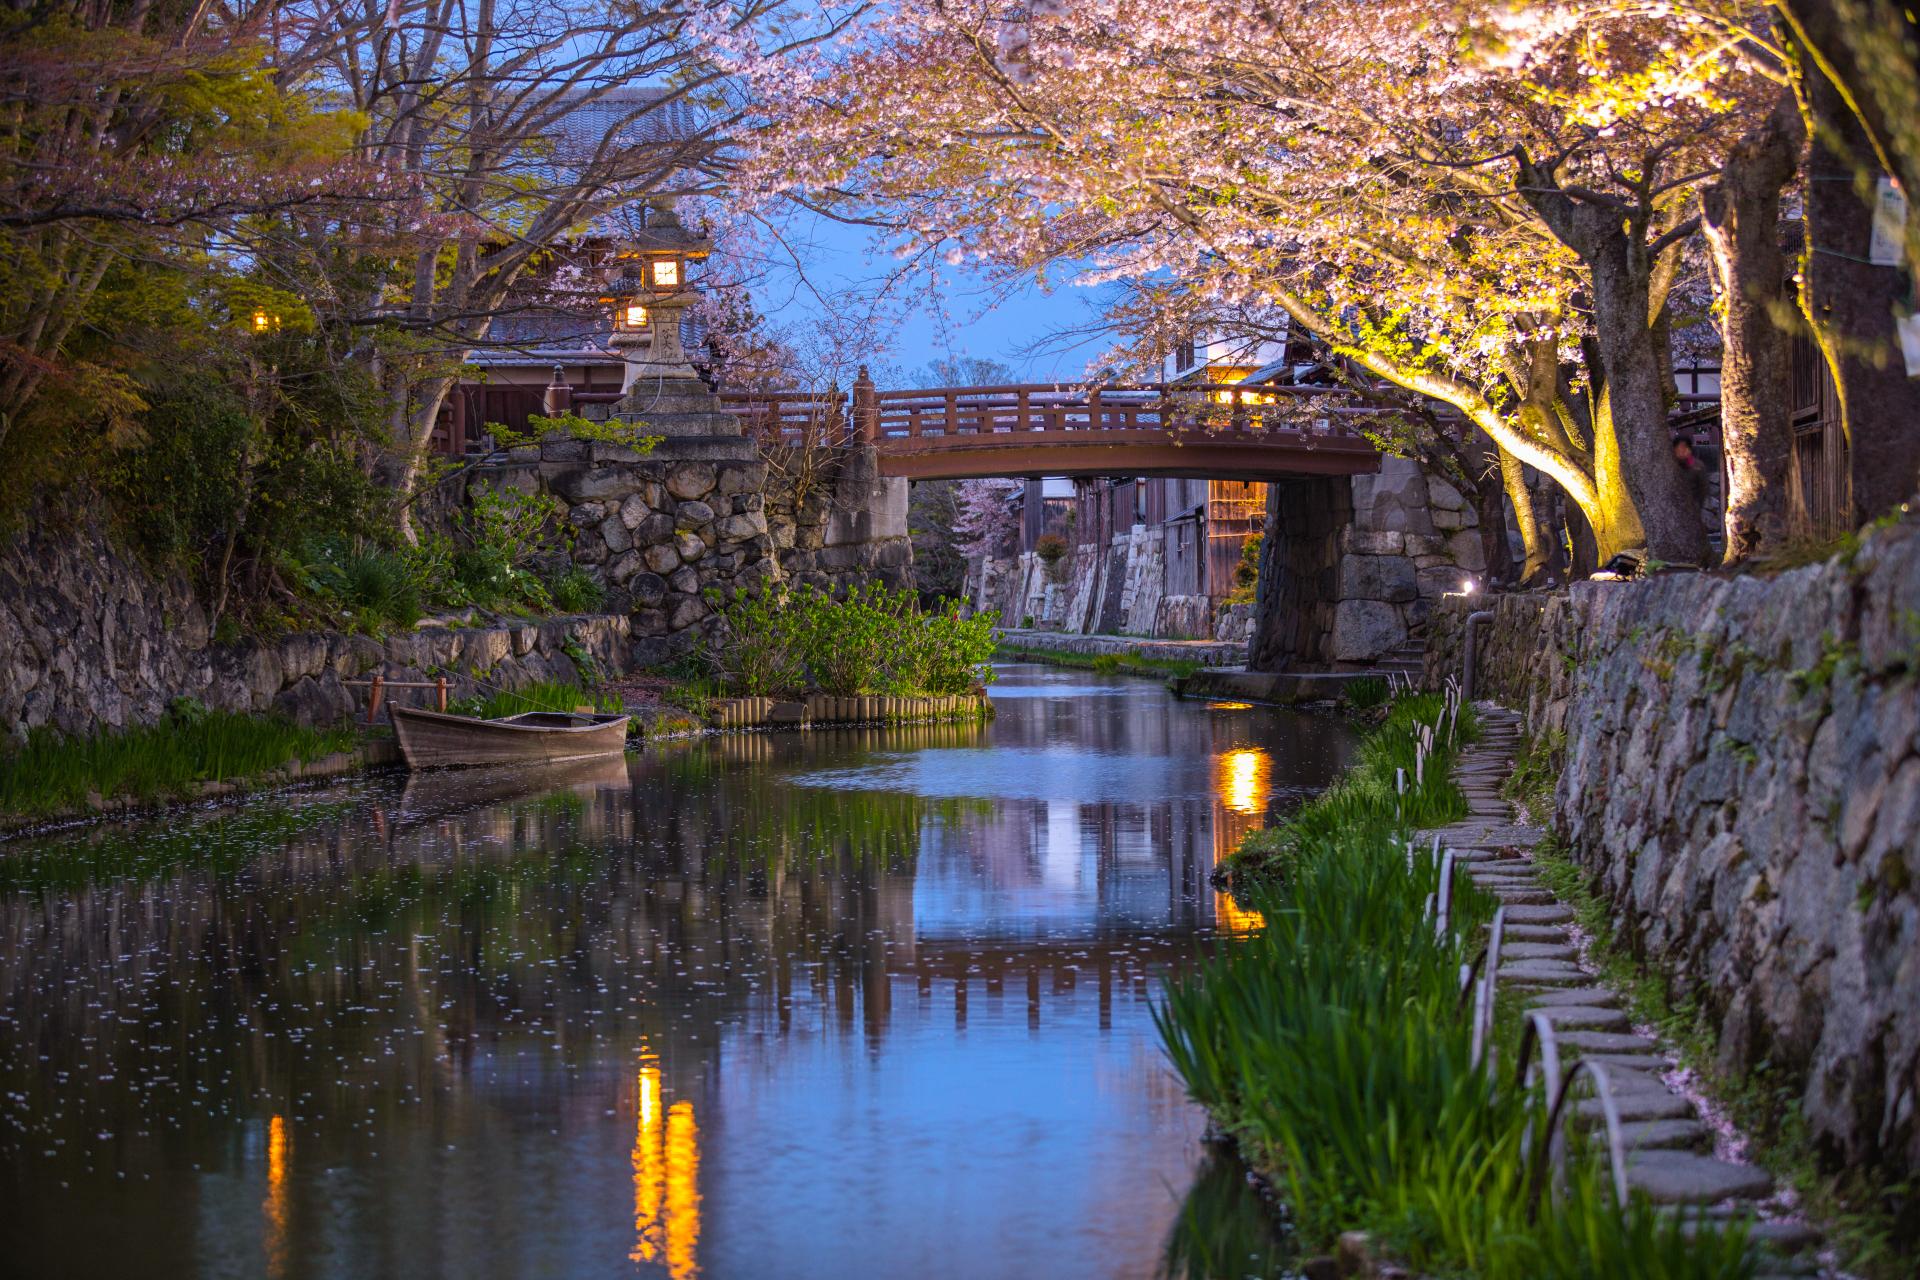 3900223_m 滋賀県  近江八幡 八幡堀(桜と和舟の景色に日本の風情を感じる春におすすめの桜スポット! 写真の紹介、アクセス情報や駐車場情報など)